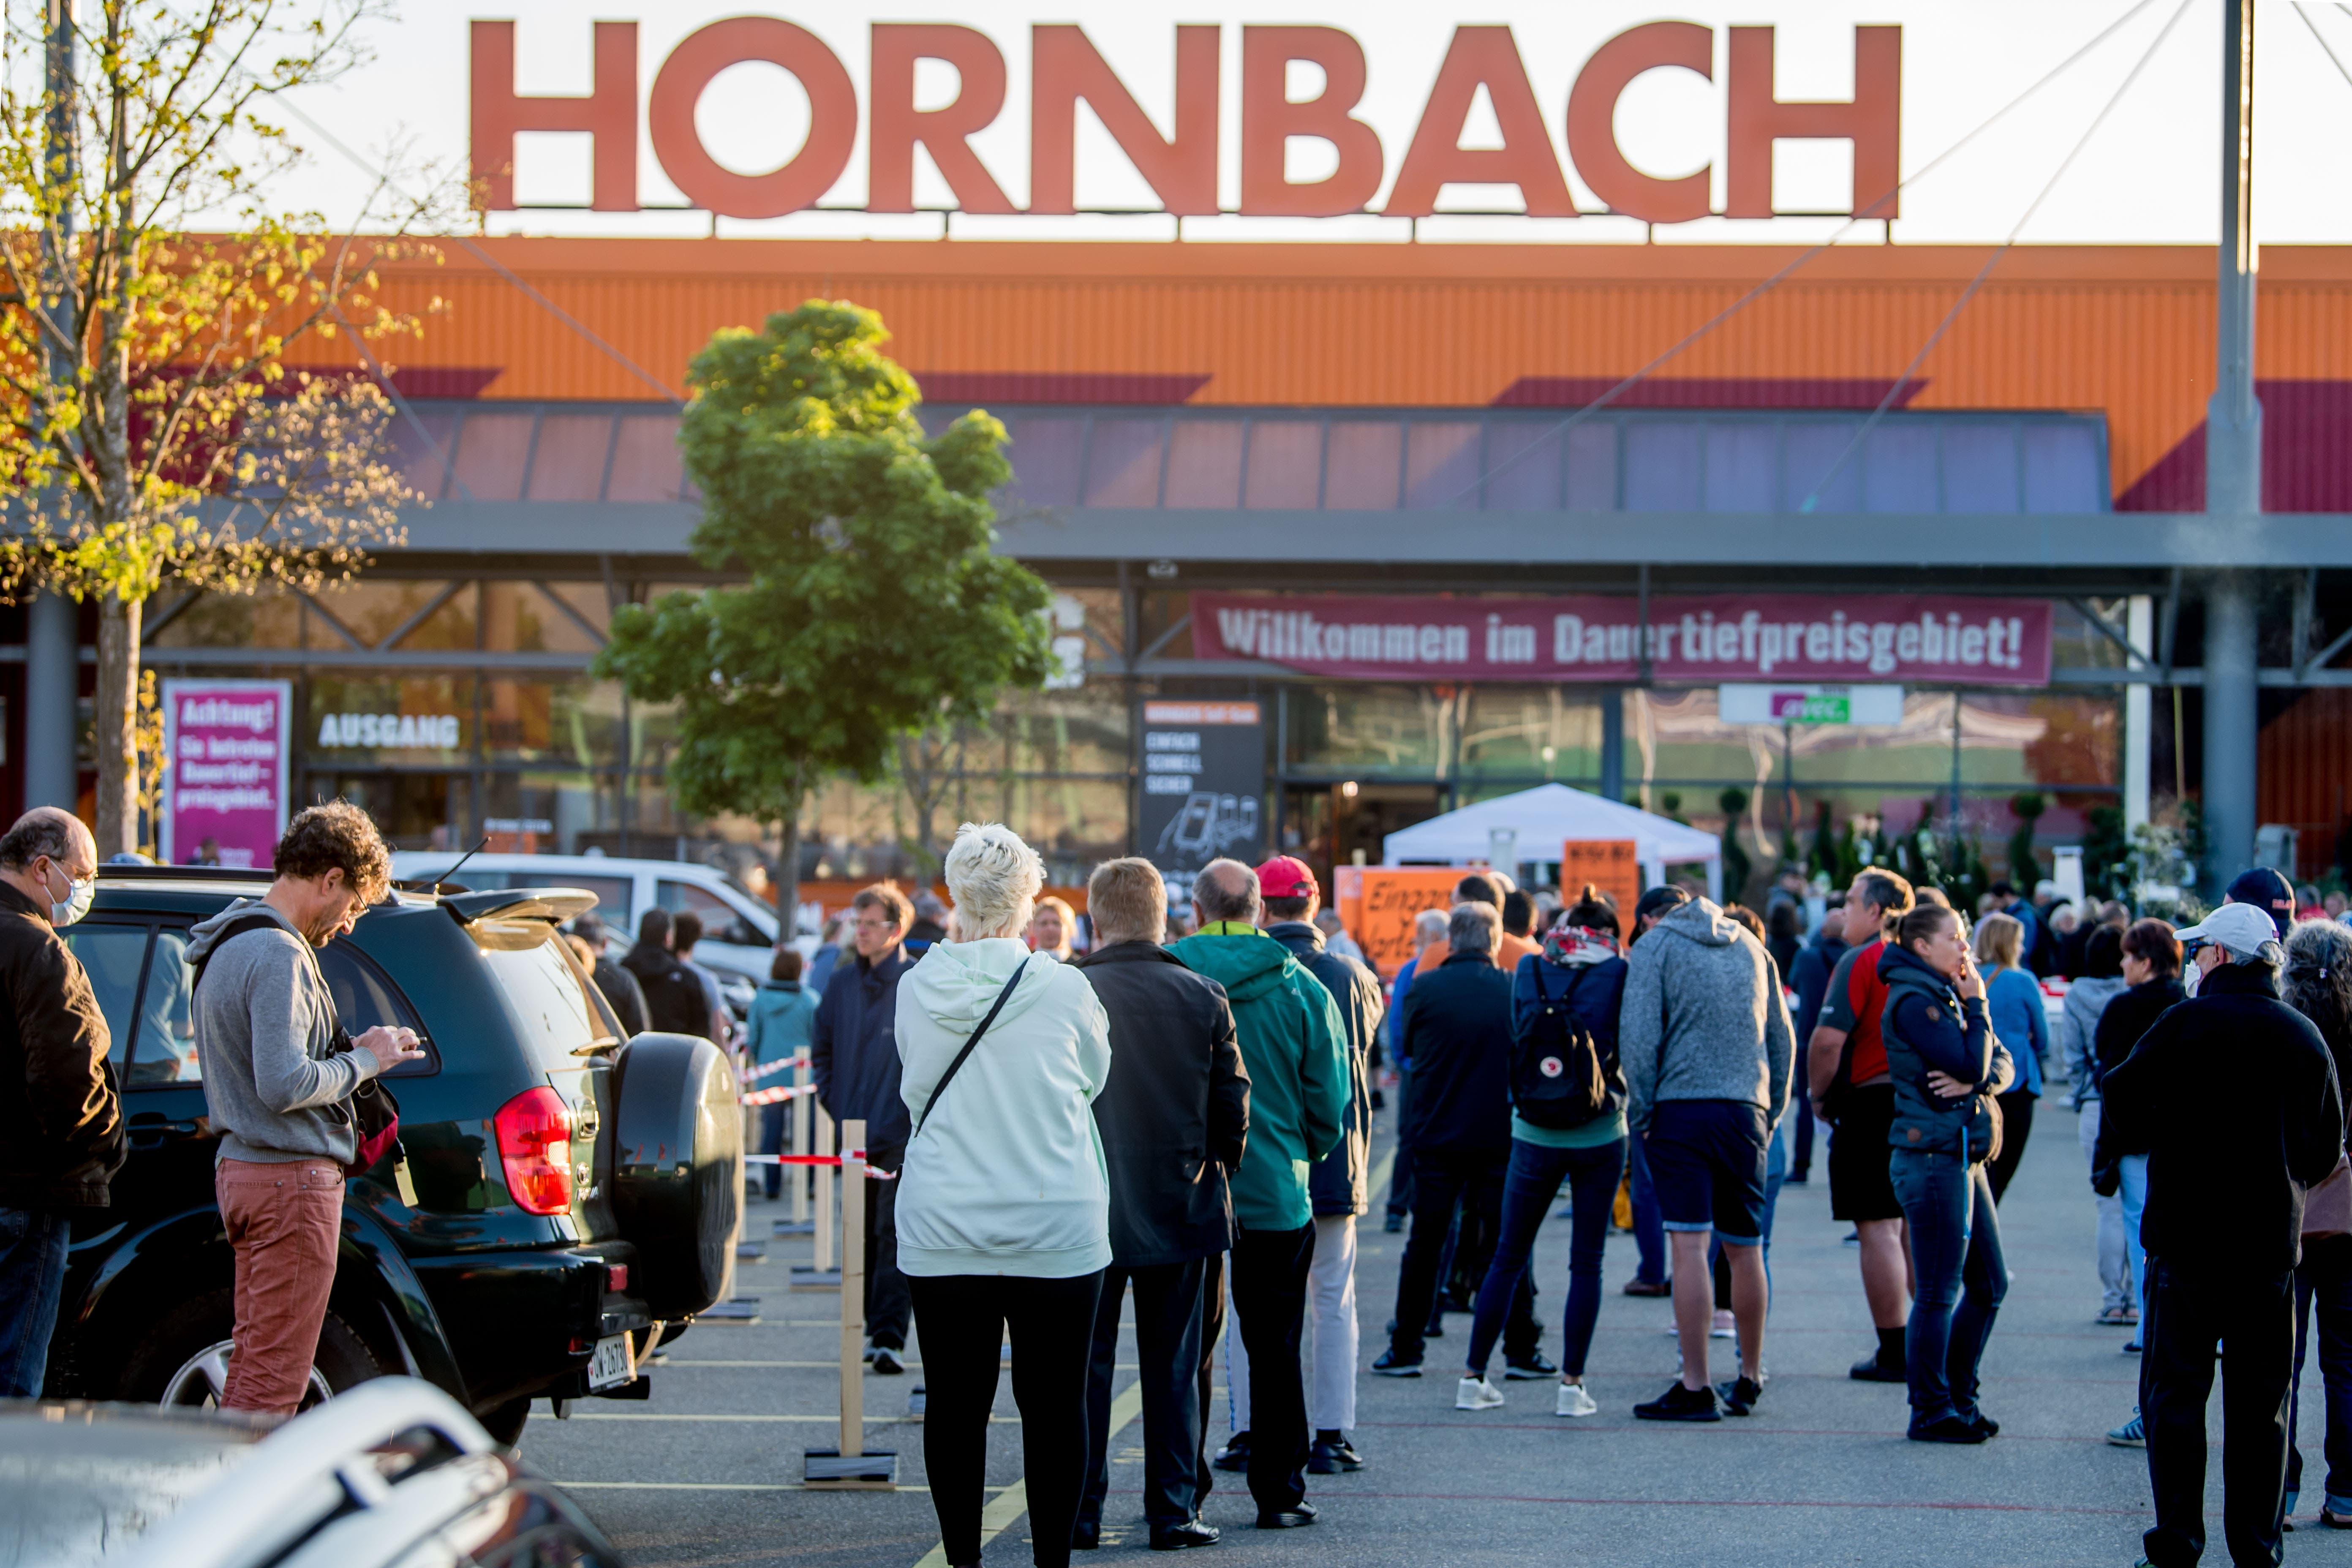 Montagmorgen, 7 Uhr vor dem Hornbach in Littau: Bereits hat sich eine lange Schlange gebildet.